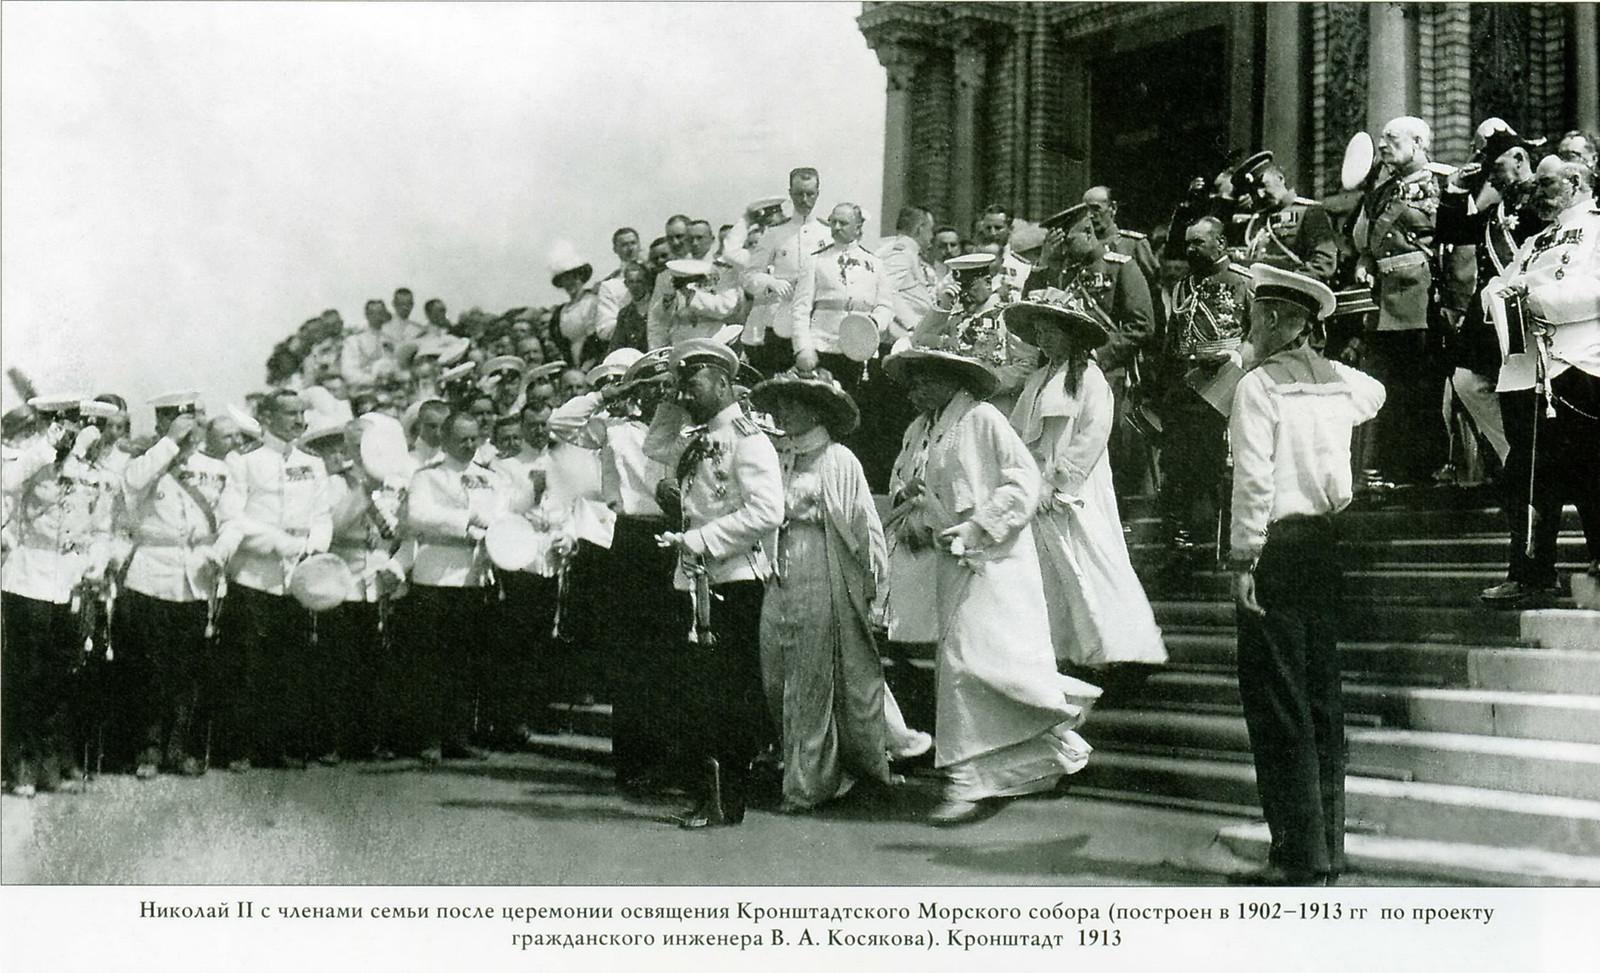 1913.  Николай II с членами семьи после церемонии освящения Кронштадского Морского собора